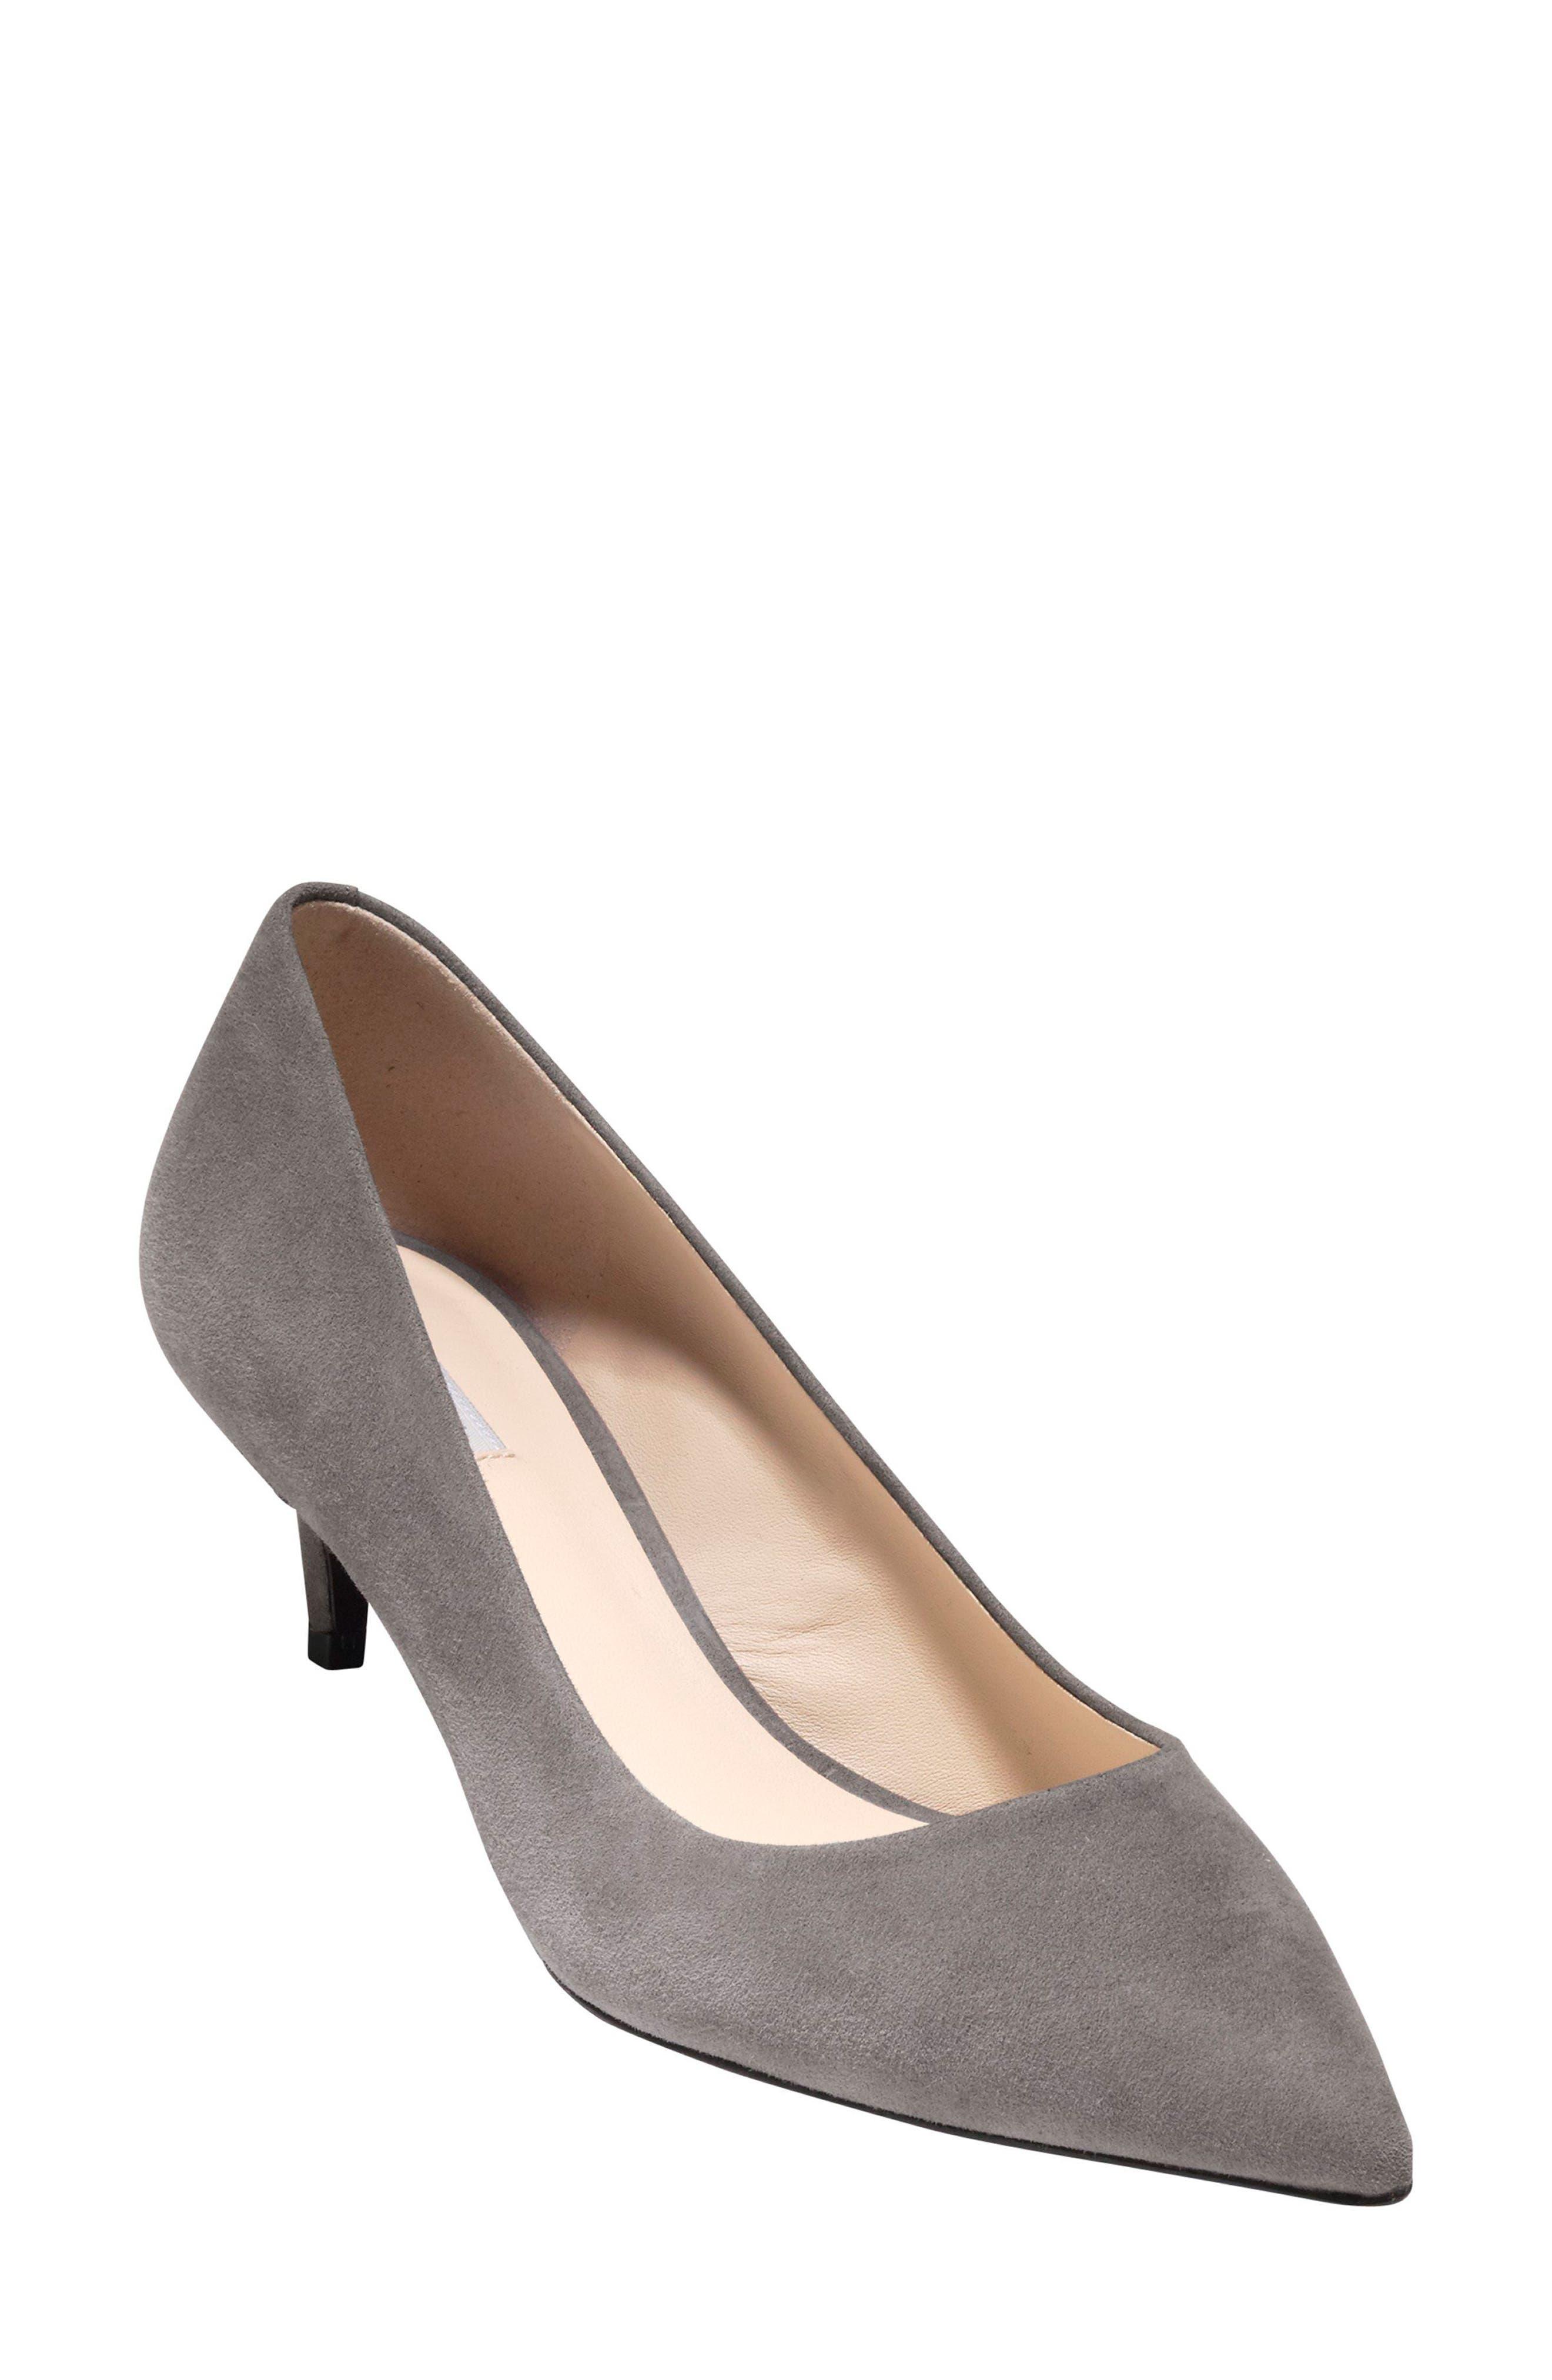 men's cole haan shoes brown dressy pumps low heel 697454